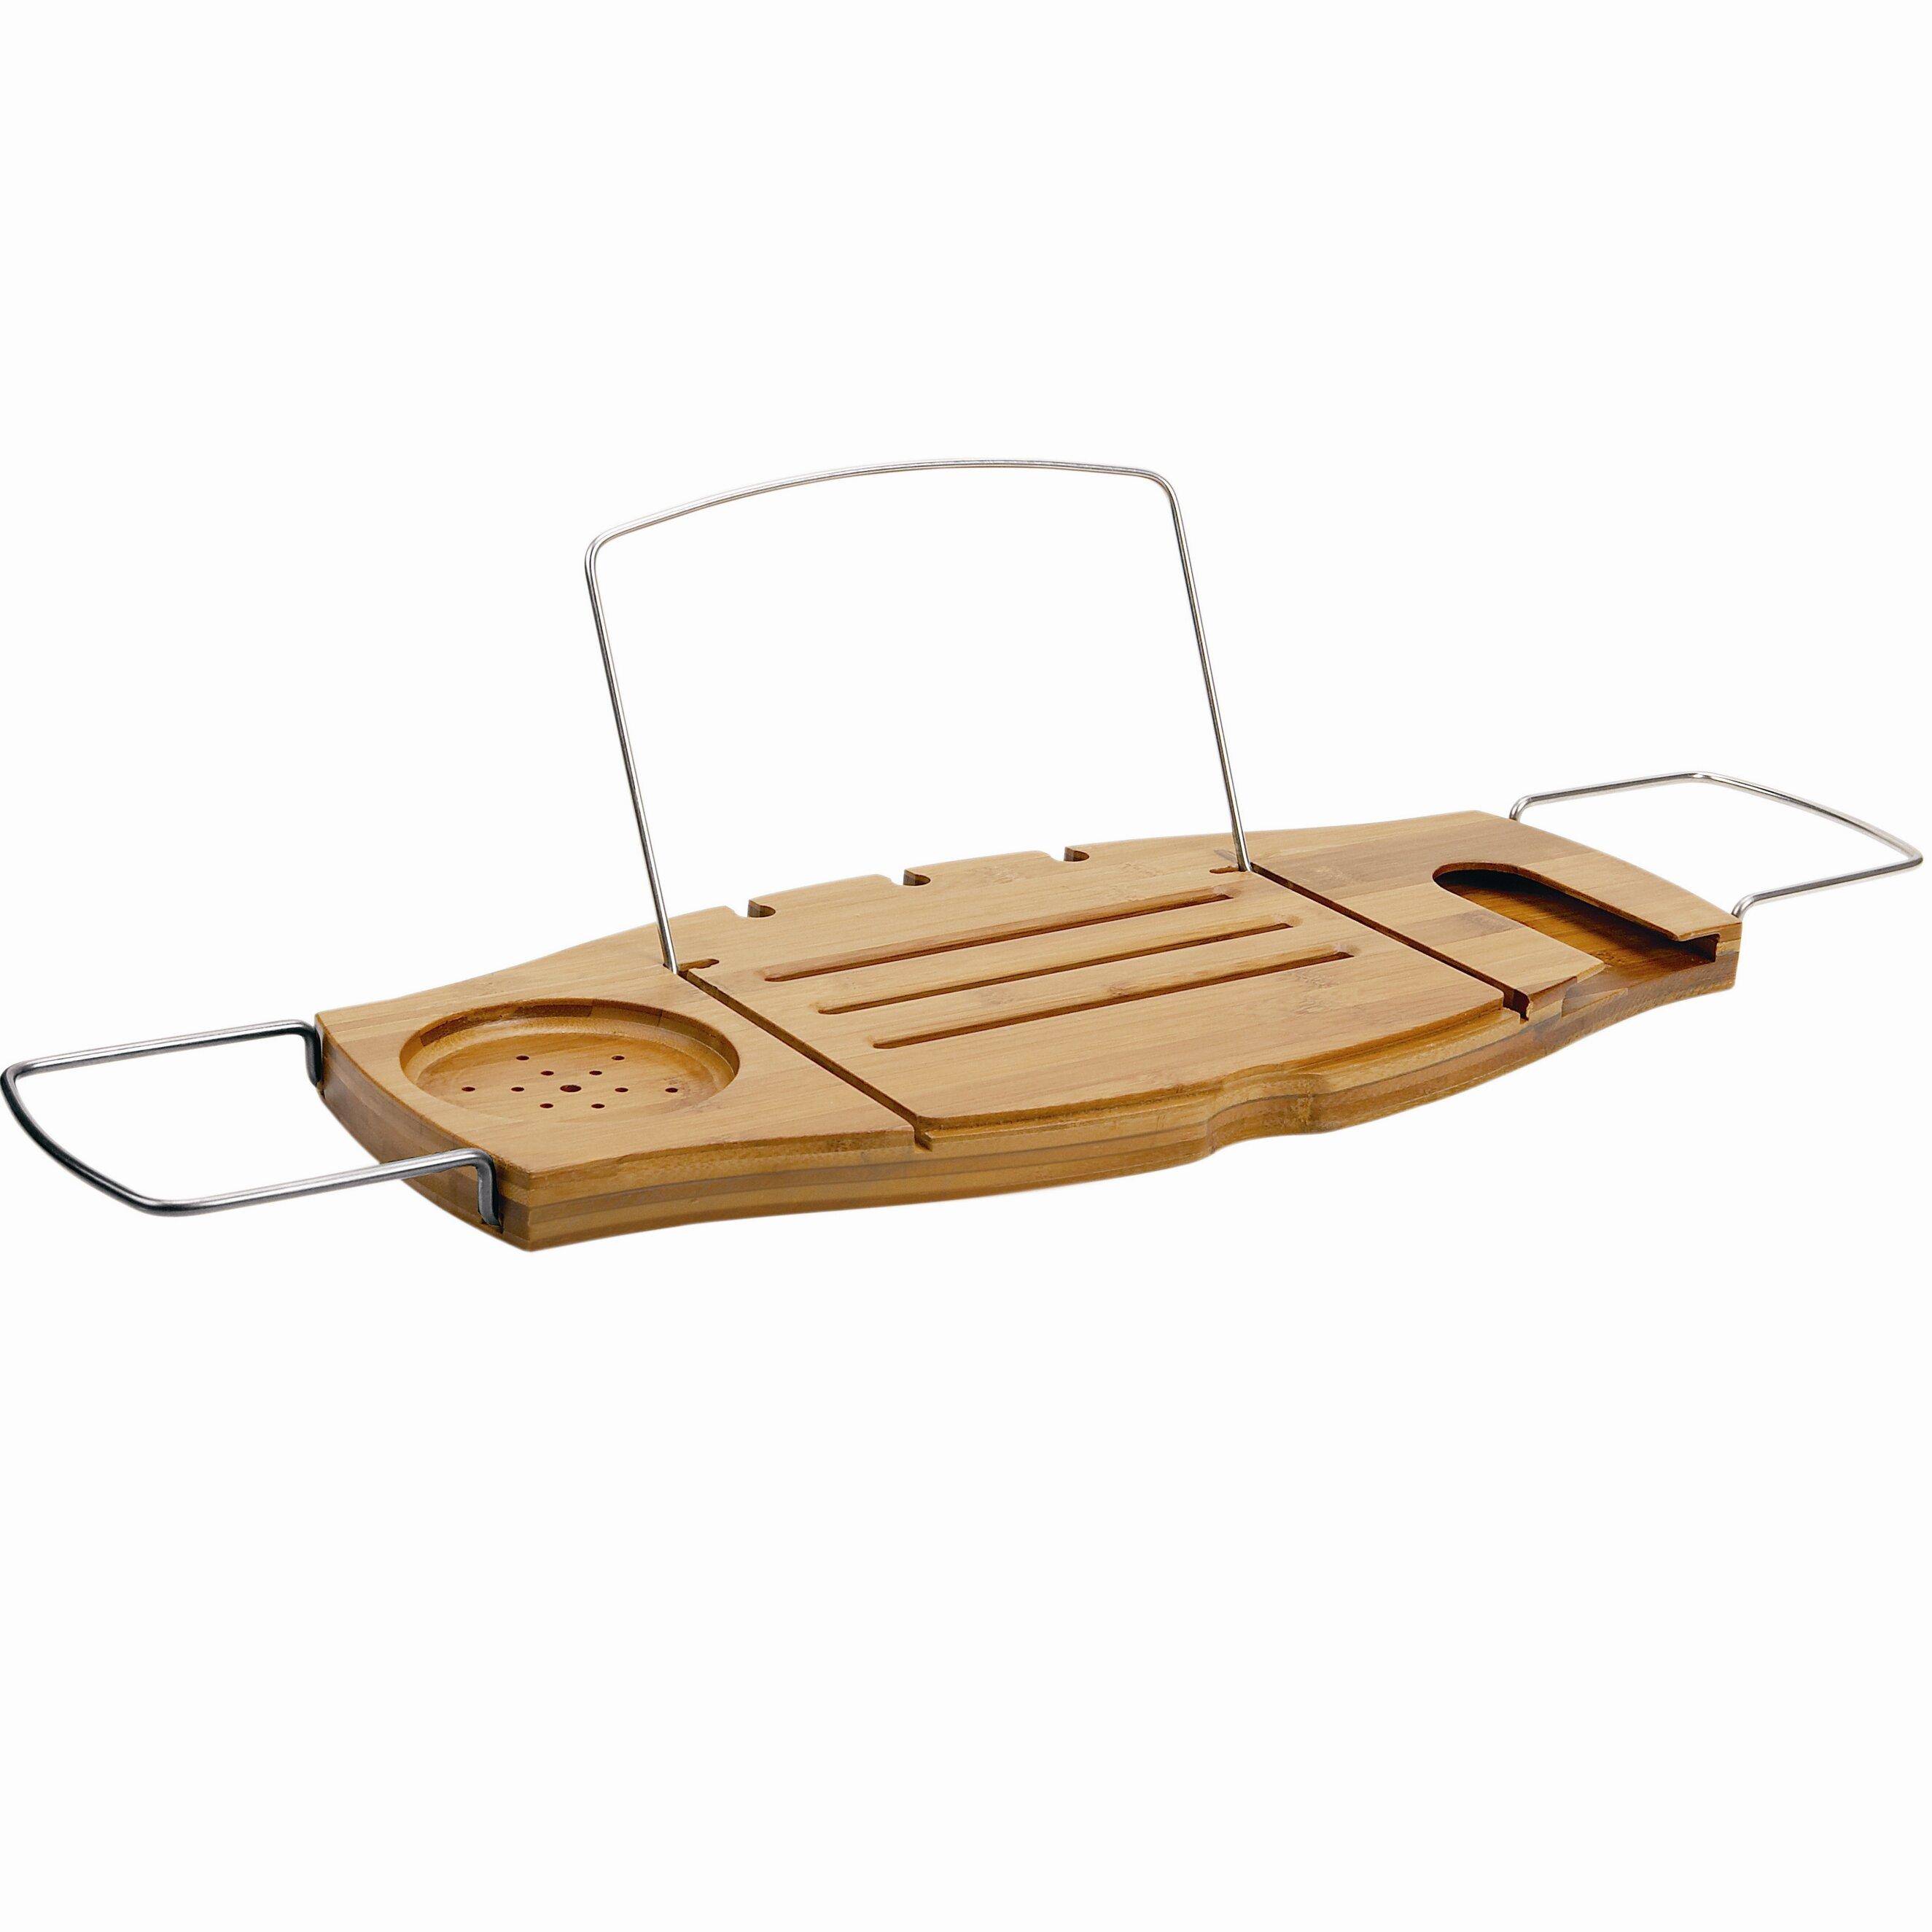 rack holder bathtub macabre gothic iphone cup fullxfull coffin tub goth il horror p ipad bath caddy bomb tray